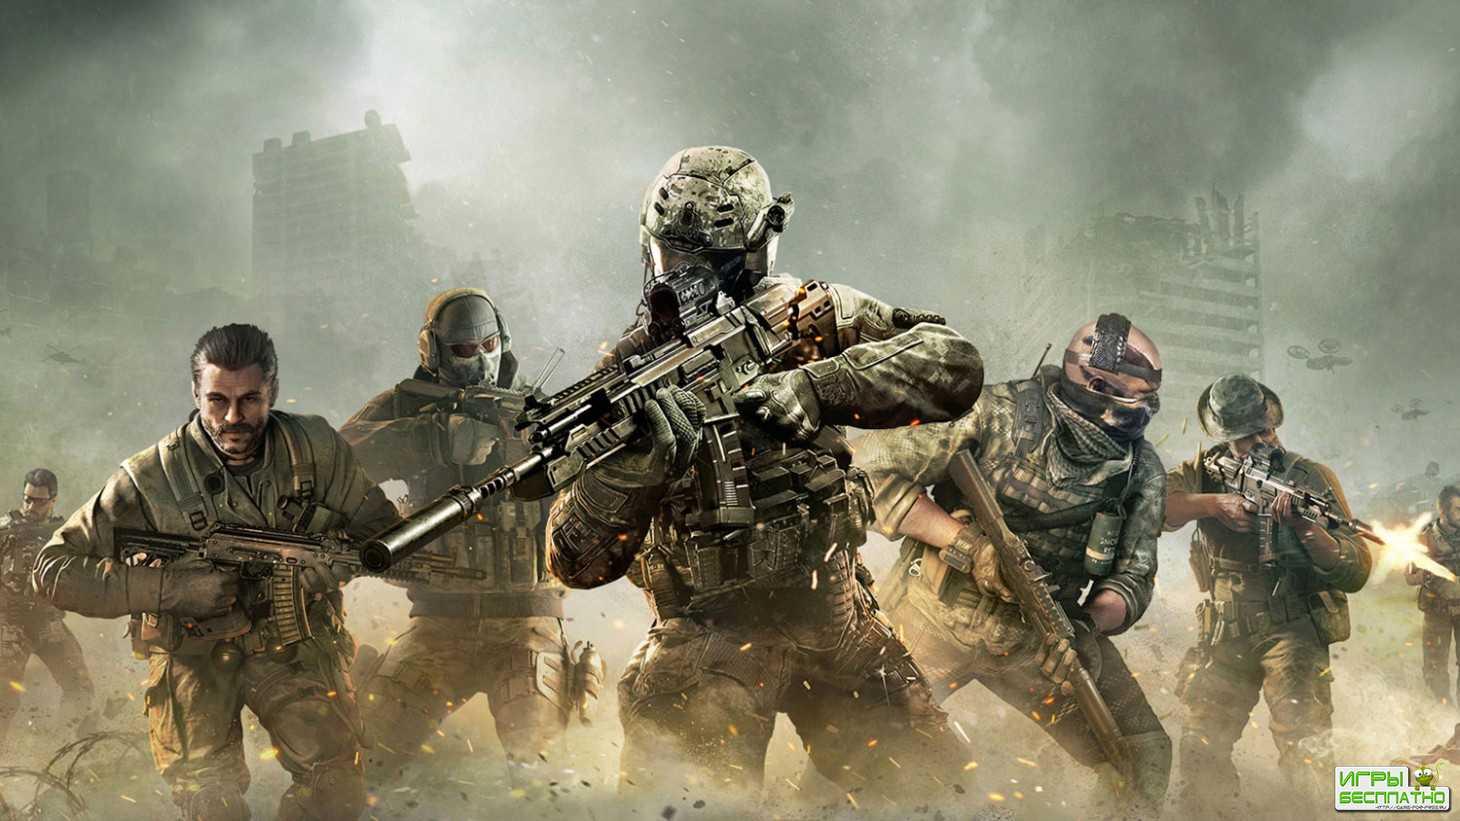 Стало известно название следующей Call of Duty